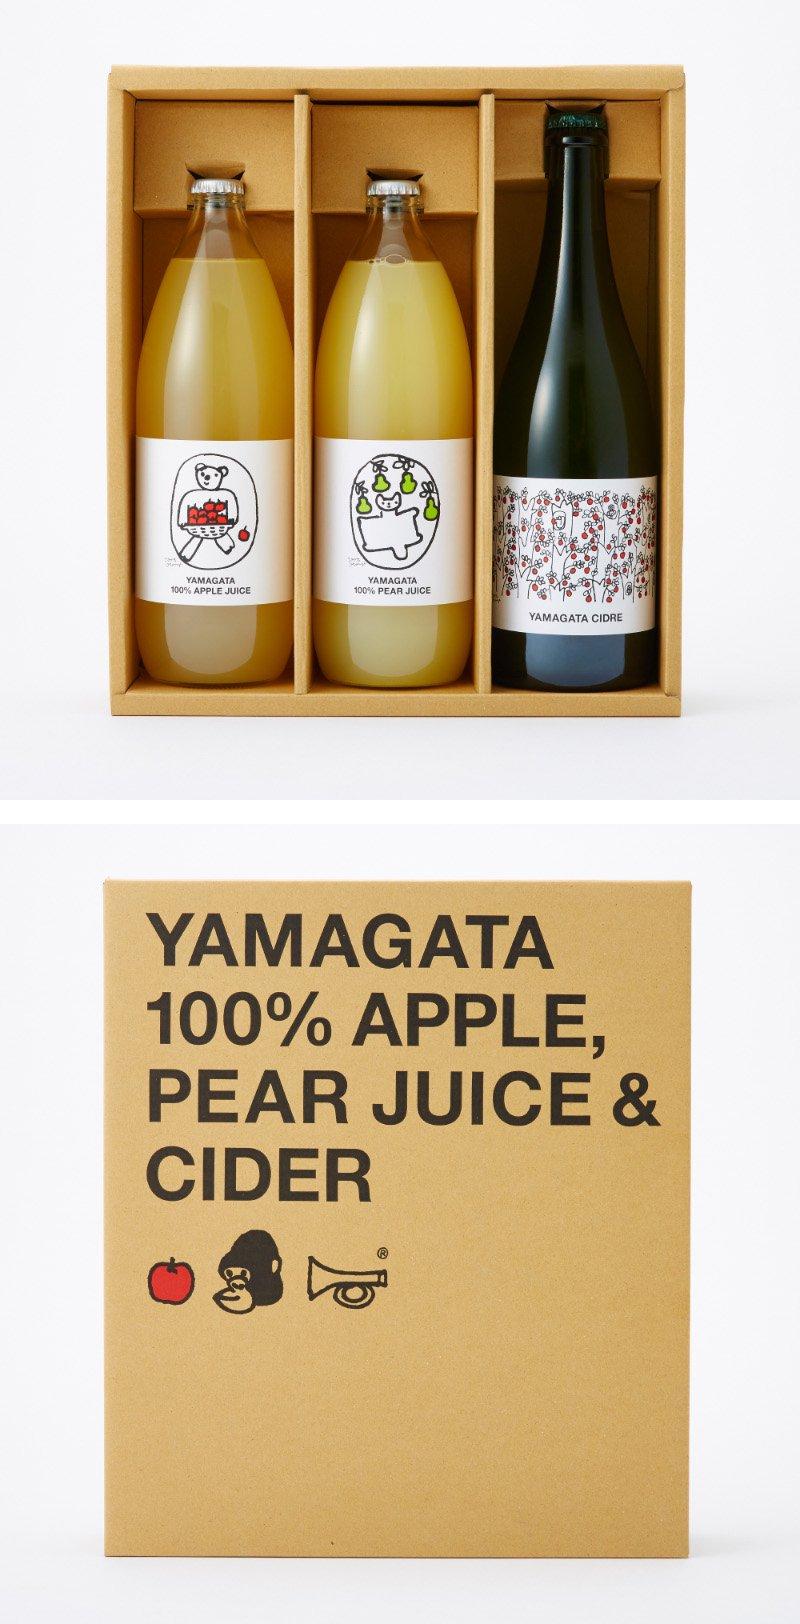 ジュース&シードルセット[箱入]